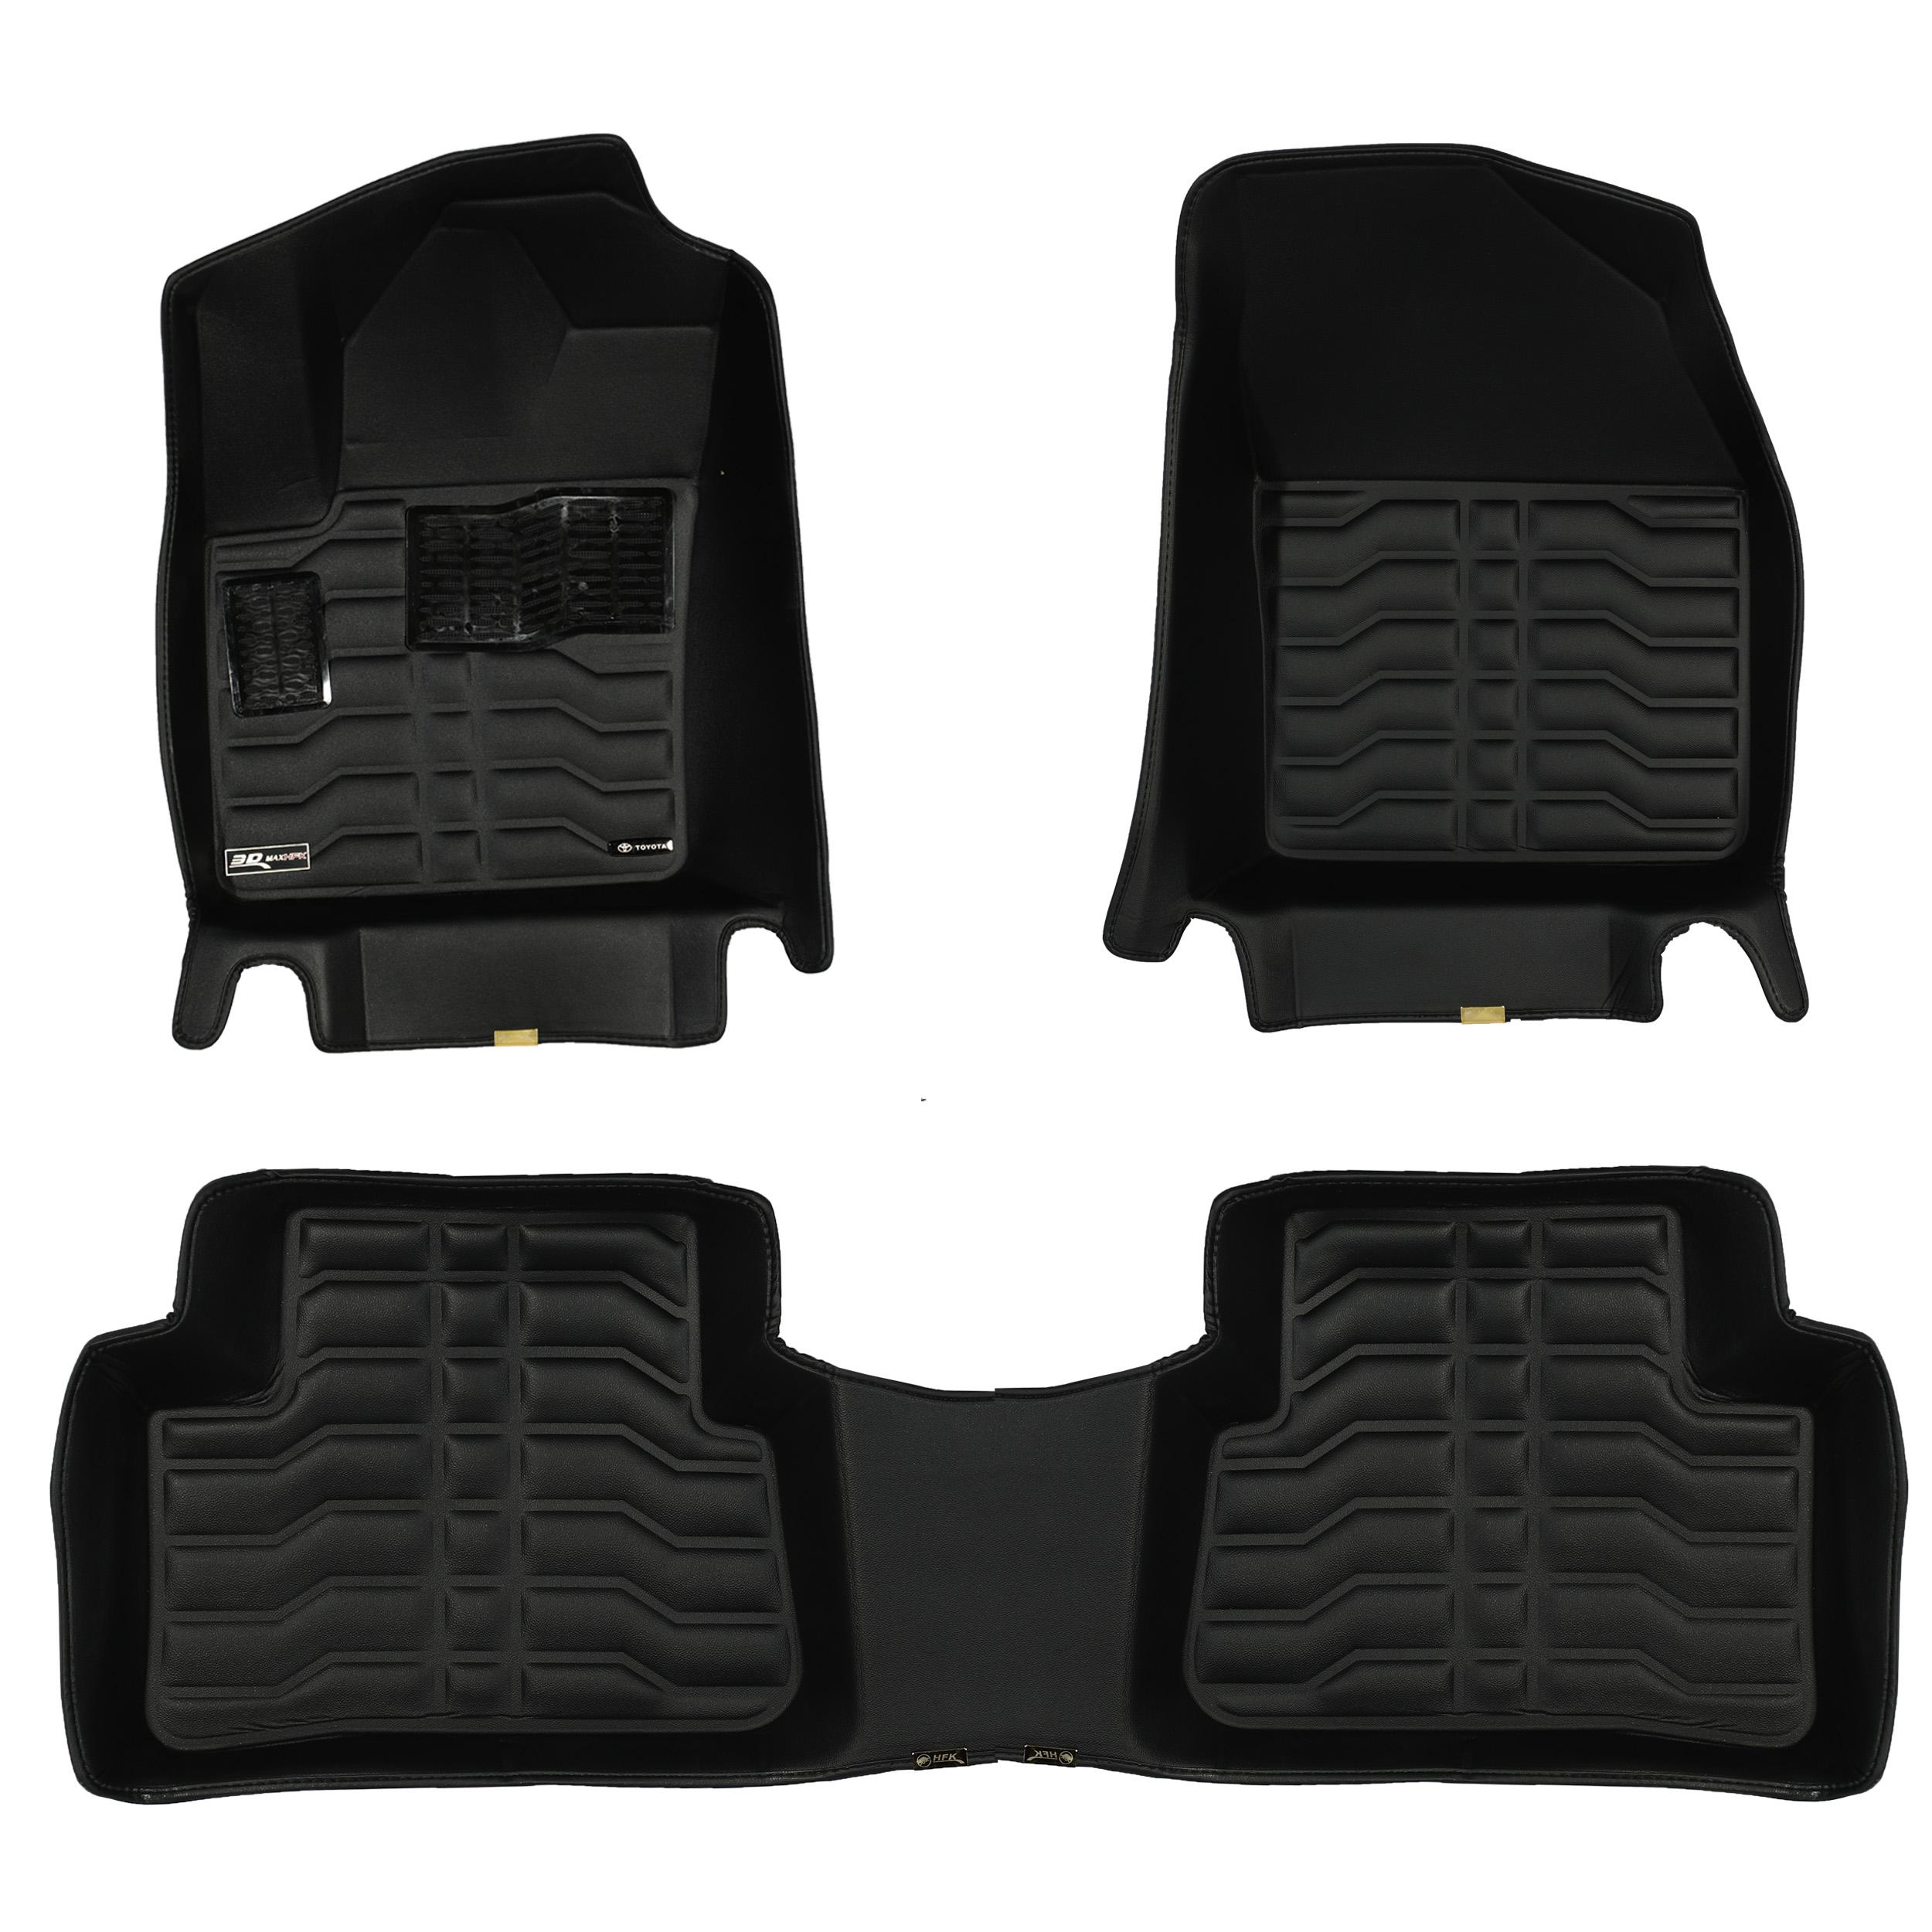 کفپوش سه بعدی خودرو تری دی مکس اچ اف کی مدل HS1125452 مناسب برای تویوتا CHR